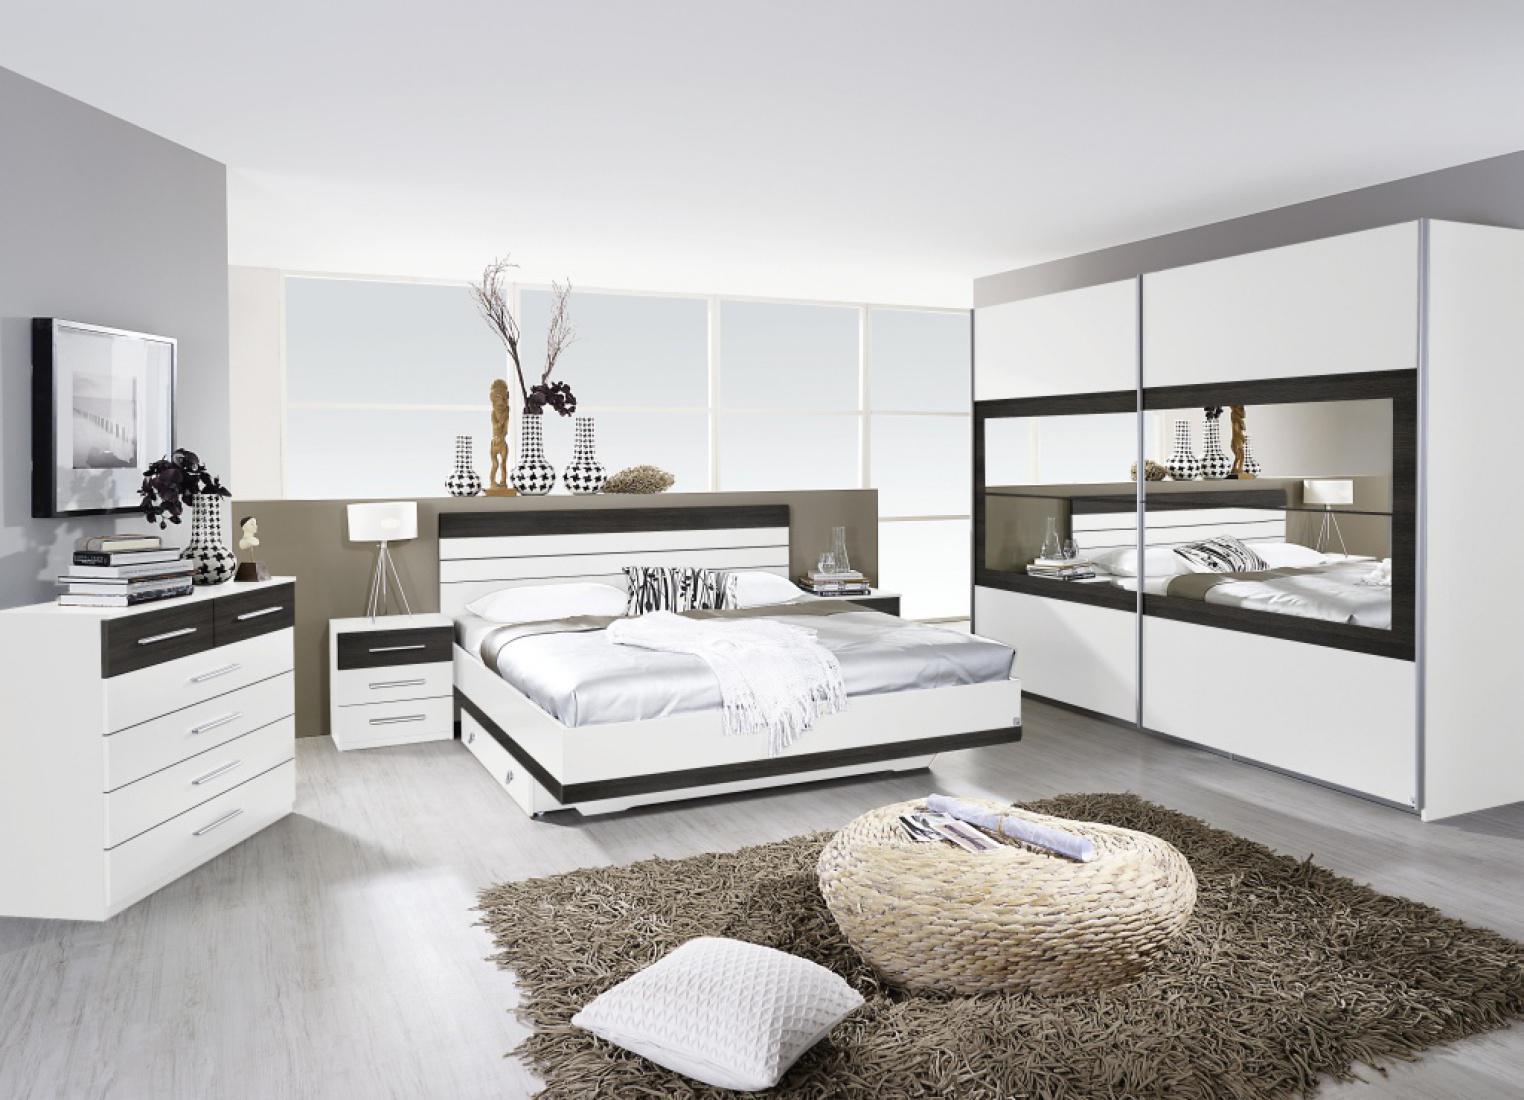 Komplett-Schlafzimmer TARRAGONA (4-teilig) alpinweiß / Wenge shiraz ...